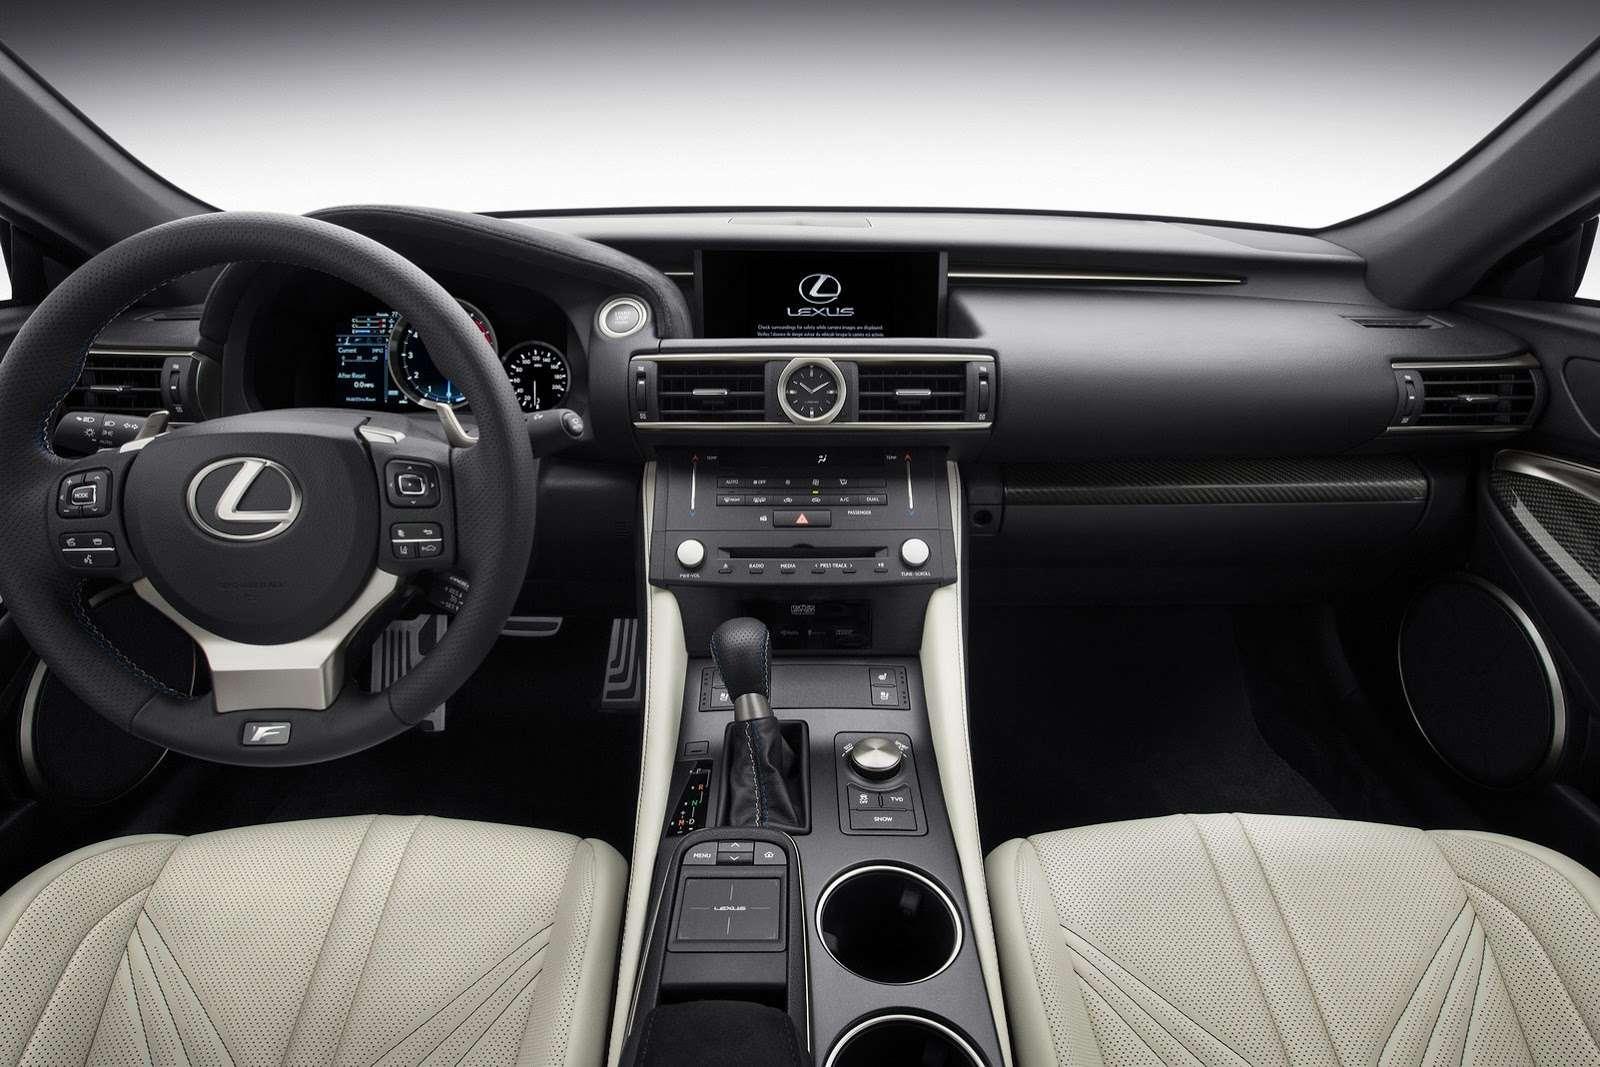 Lexus RC F 2015 interior